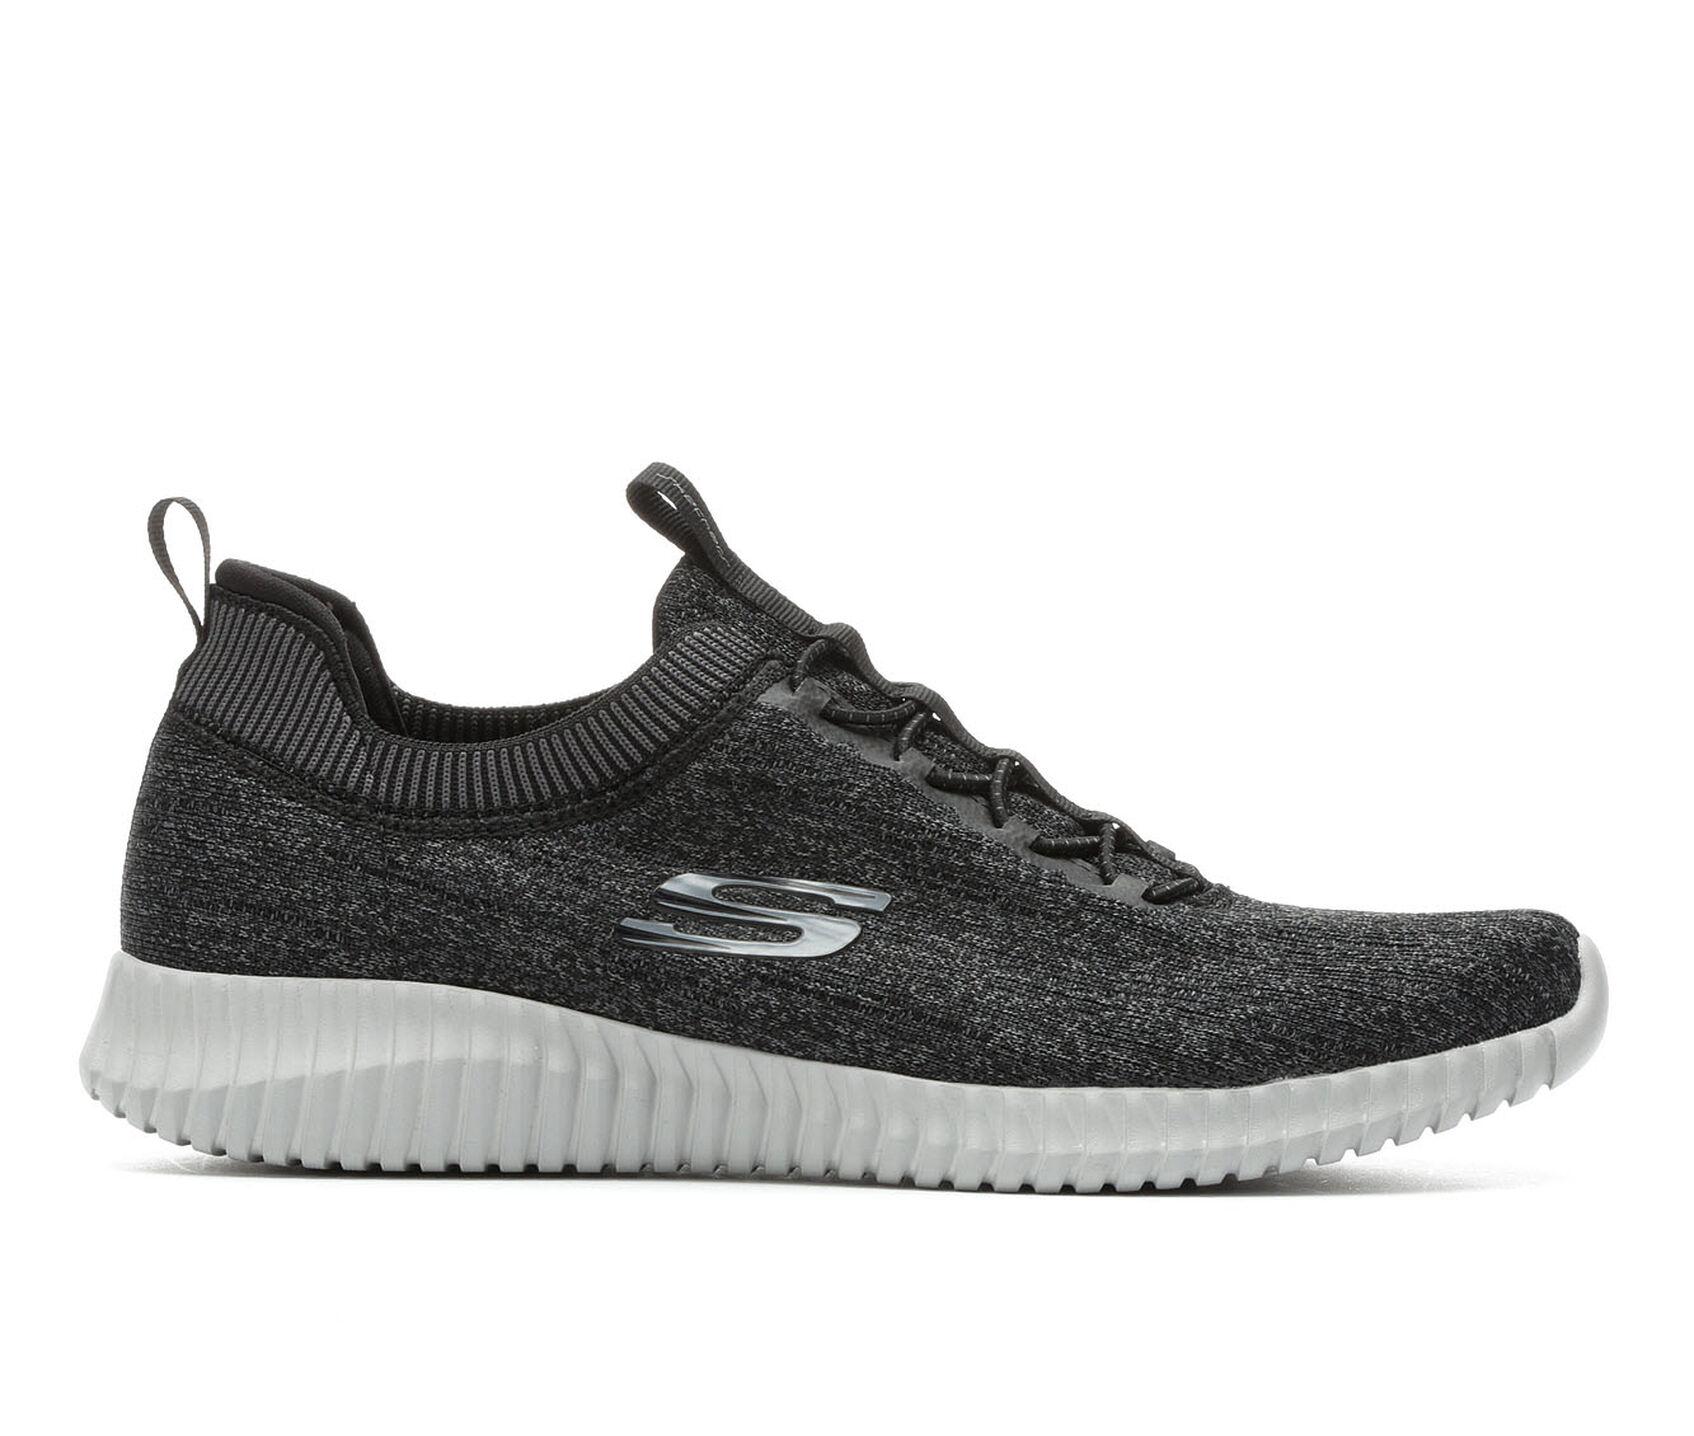 cfe9b019b19dd Men's Skechers Hartnell 52642 Slip-On Sneakers   Shoe Carnival